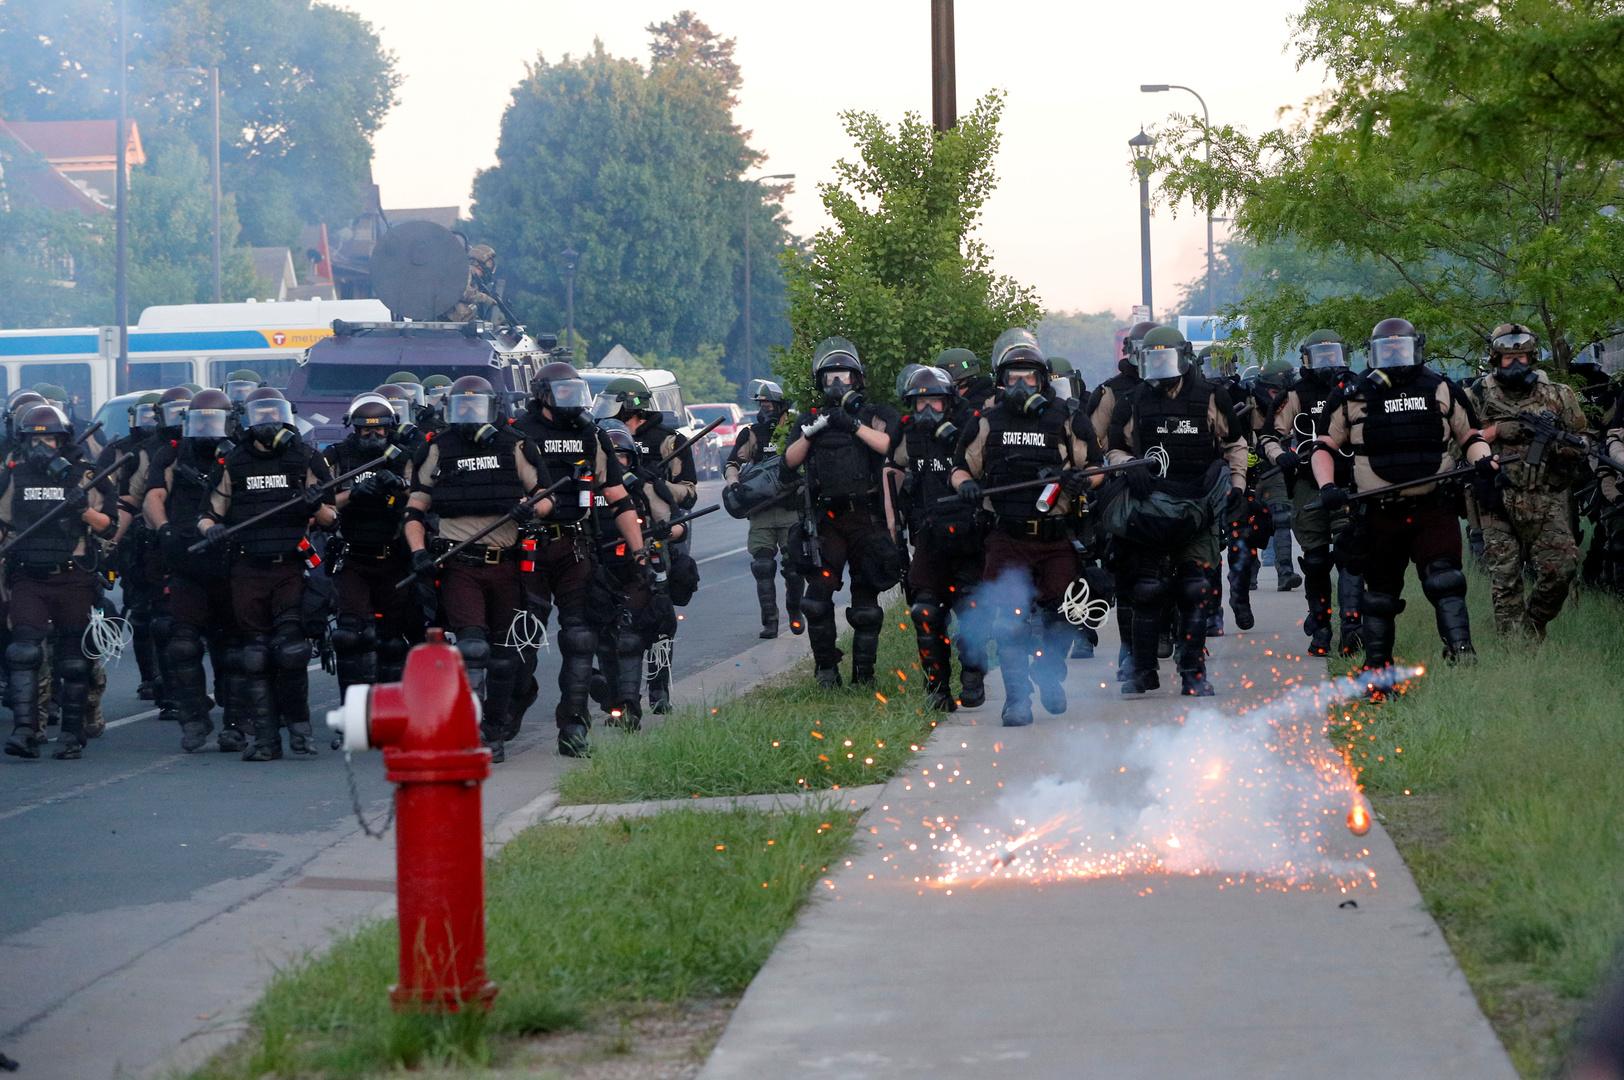 وحدات من الشرطة الأمريكية في مدينة مينيابوليس تنتشر لردع الاحتجاجات التي أشعلها مقتل المواطن من أصول إفريقية، جورج فلويد.